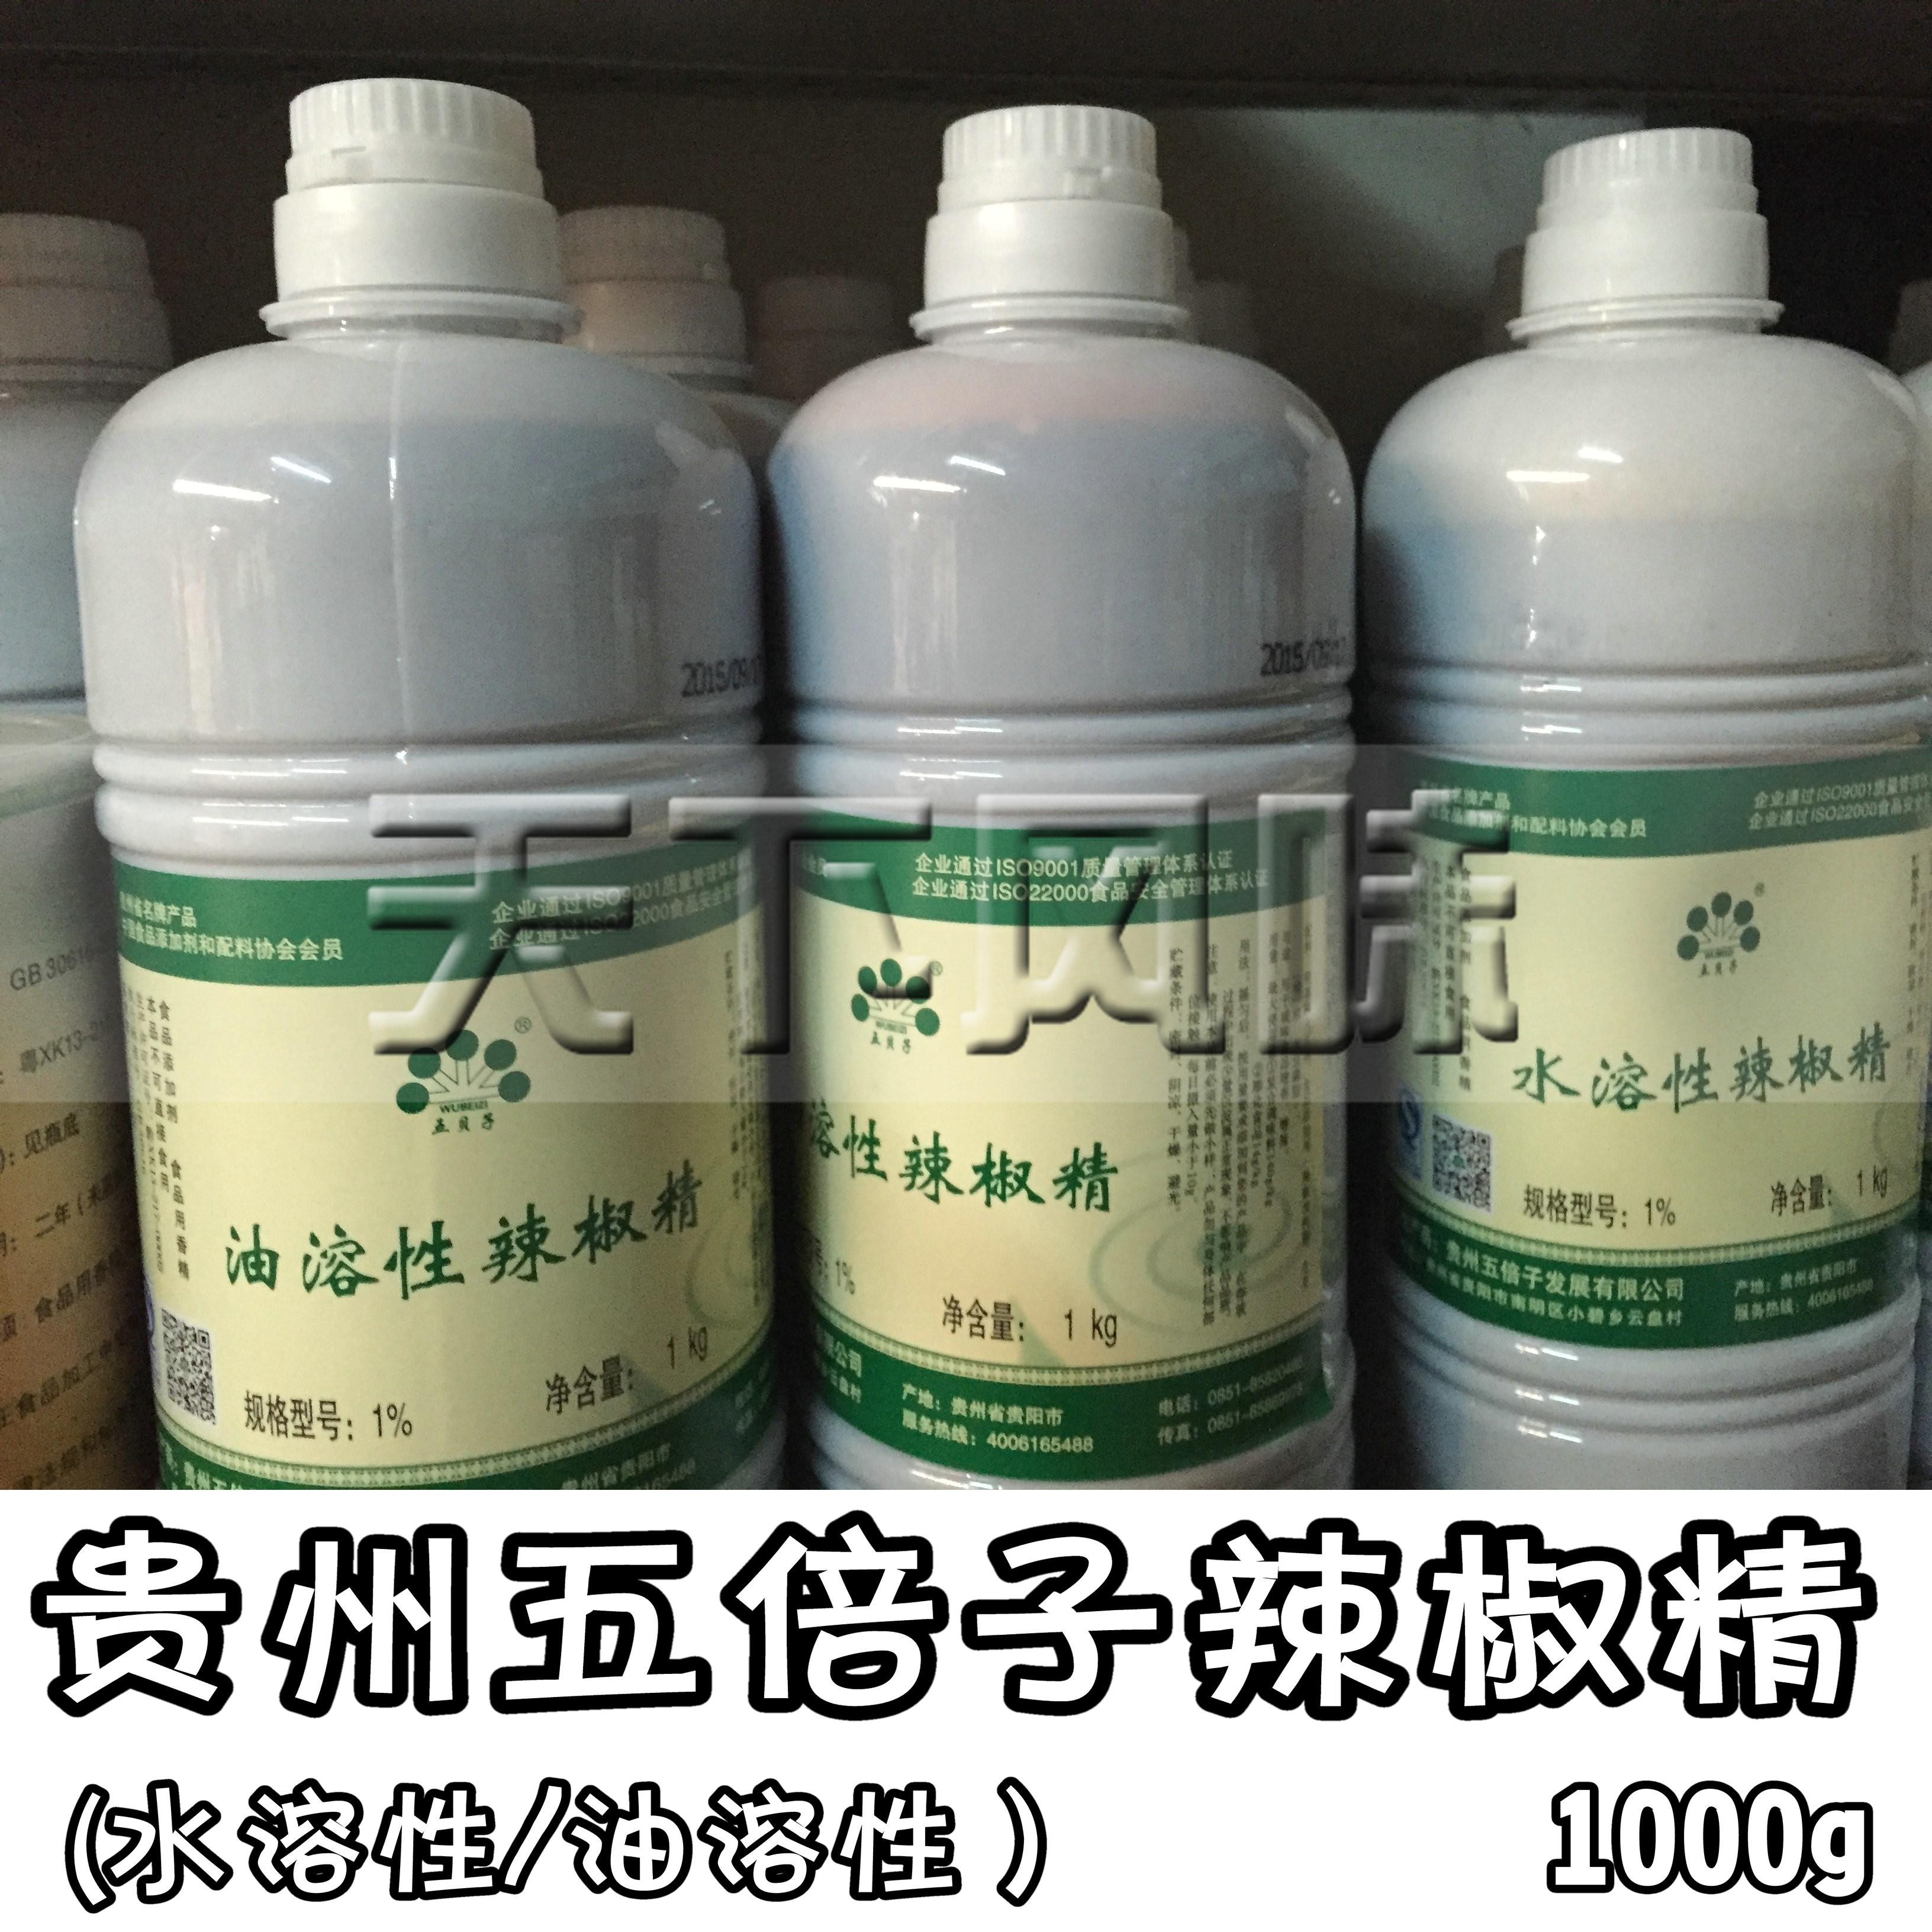 贵州五倍子 油溶性辣椒精 水溶性辣椒精 1% 辣椒油树脂特辣五贝子